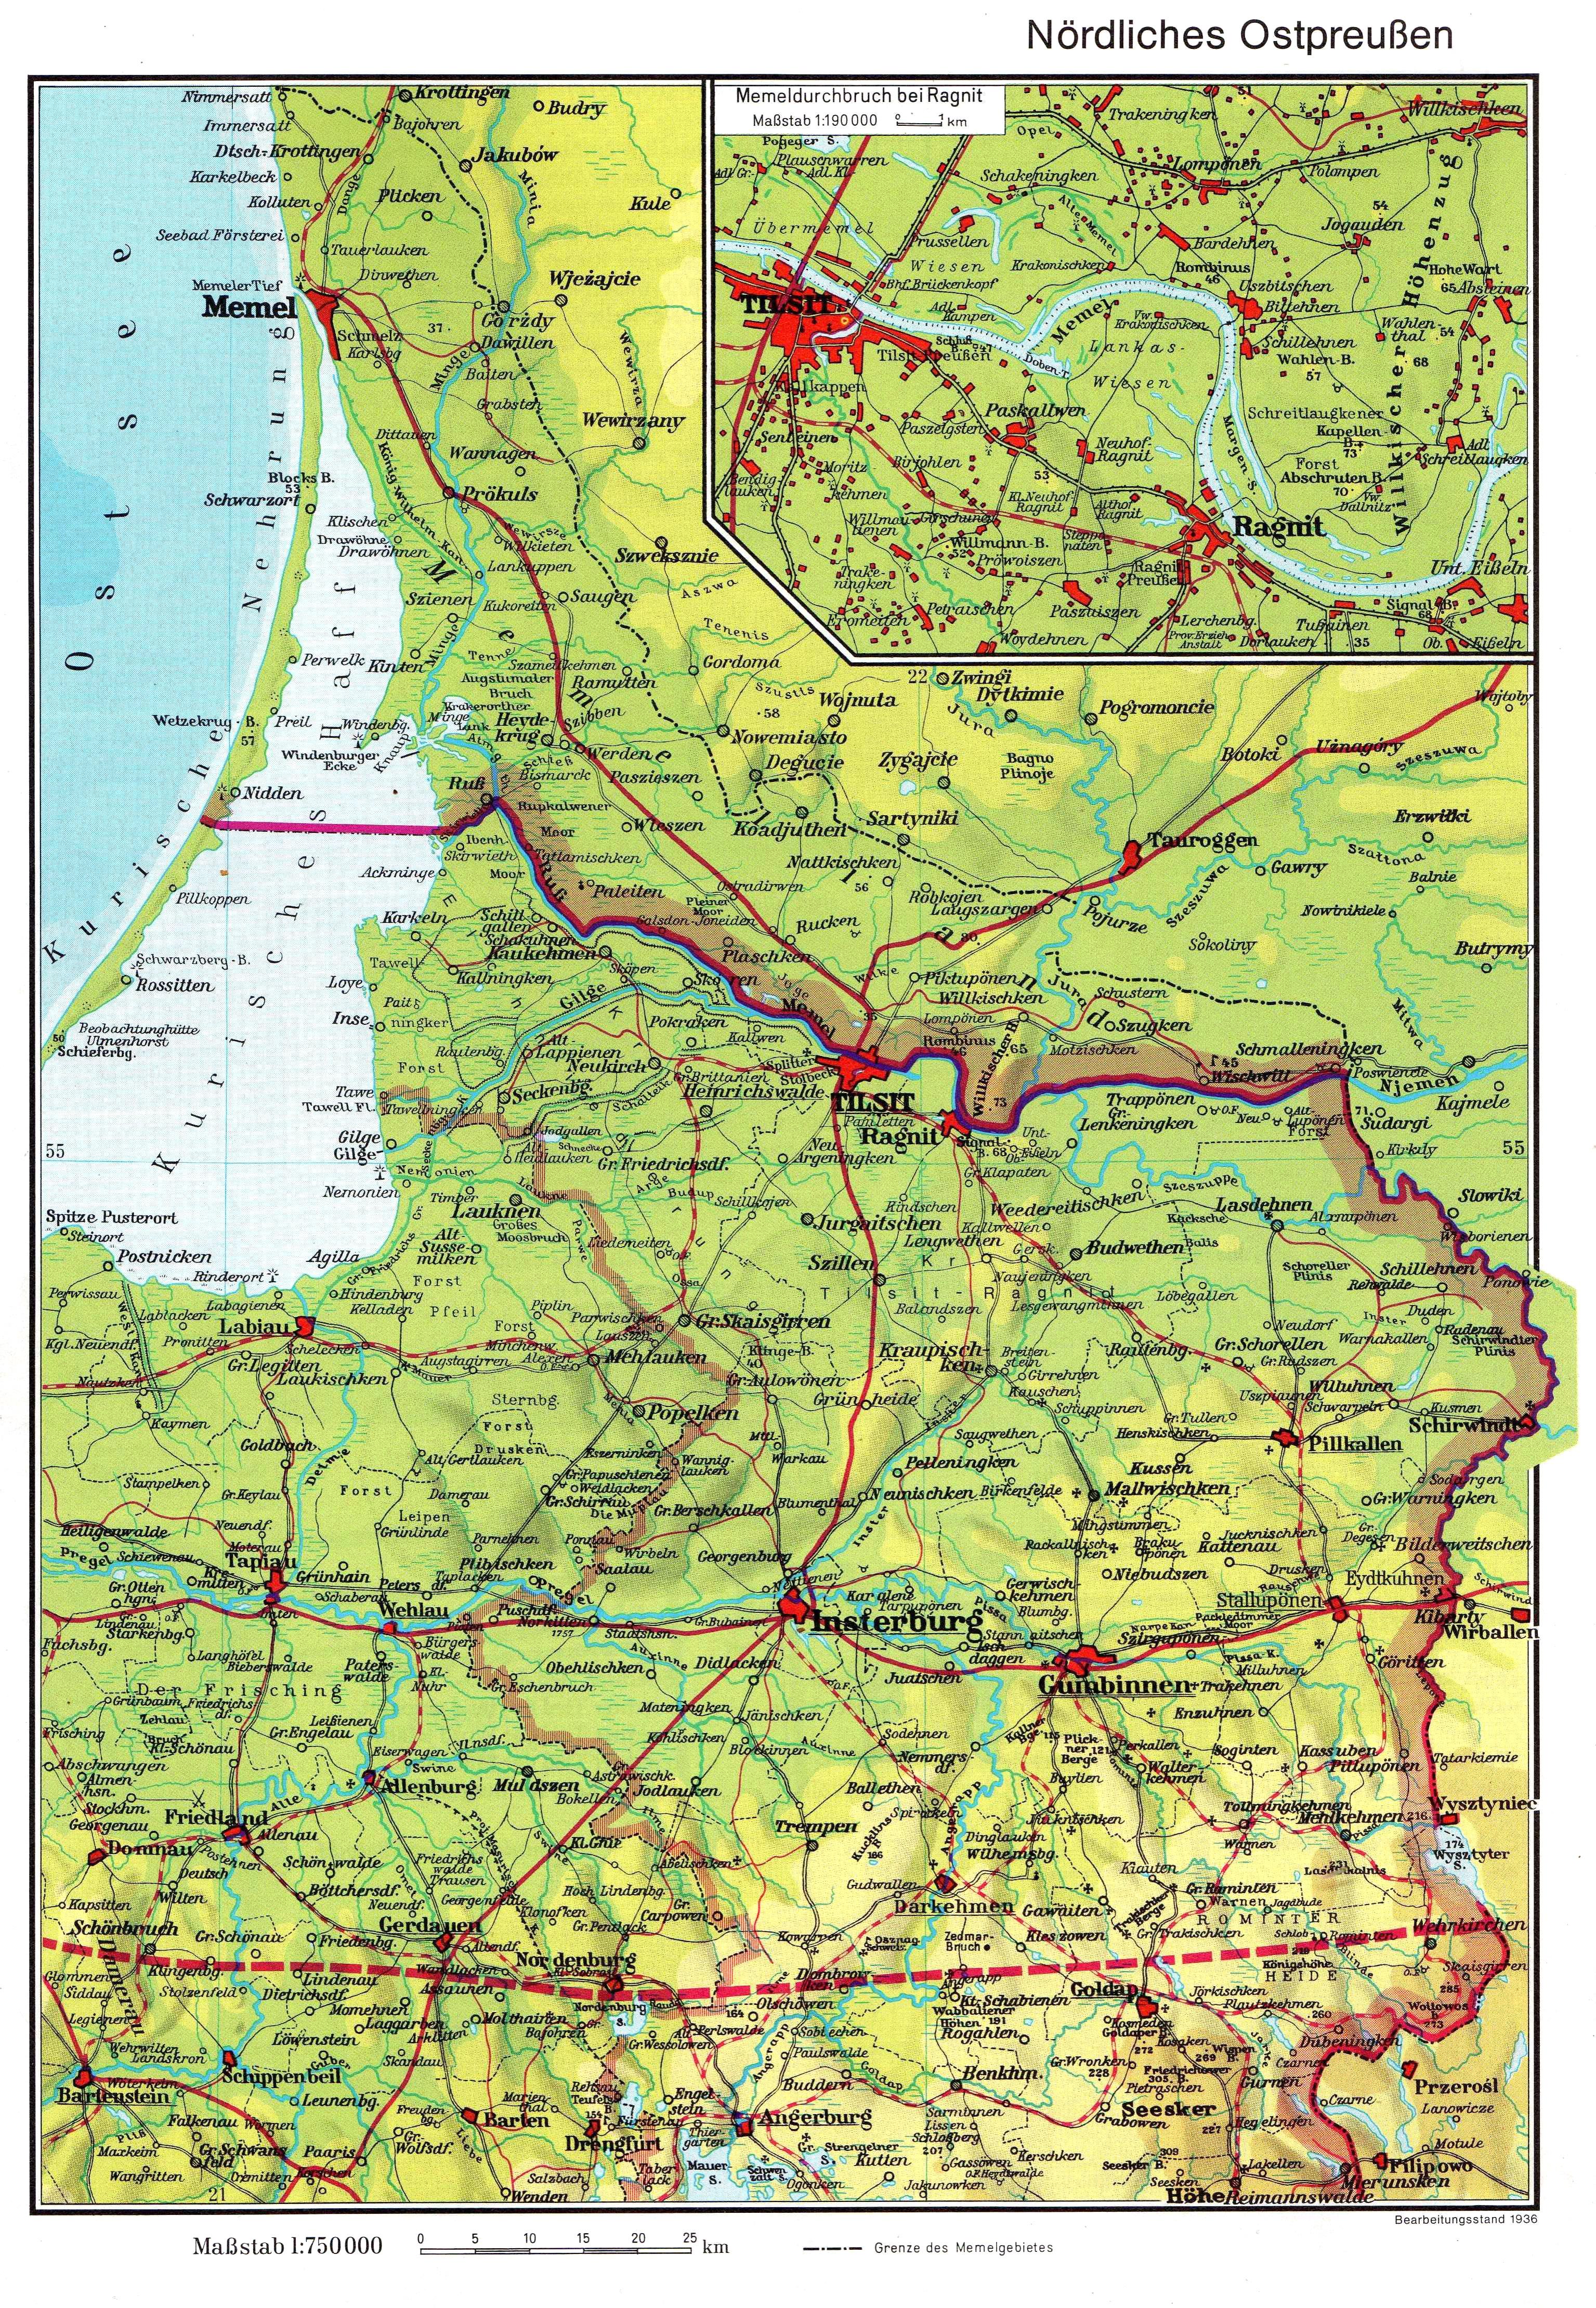 Карта северной части Восточной Пруссии 1936 года скачать: http://www.etomesto.ru/karta658/